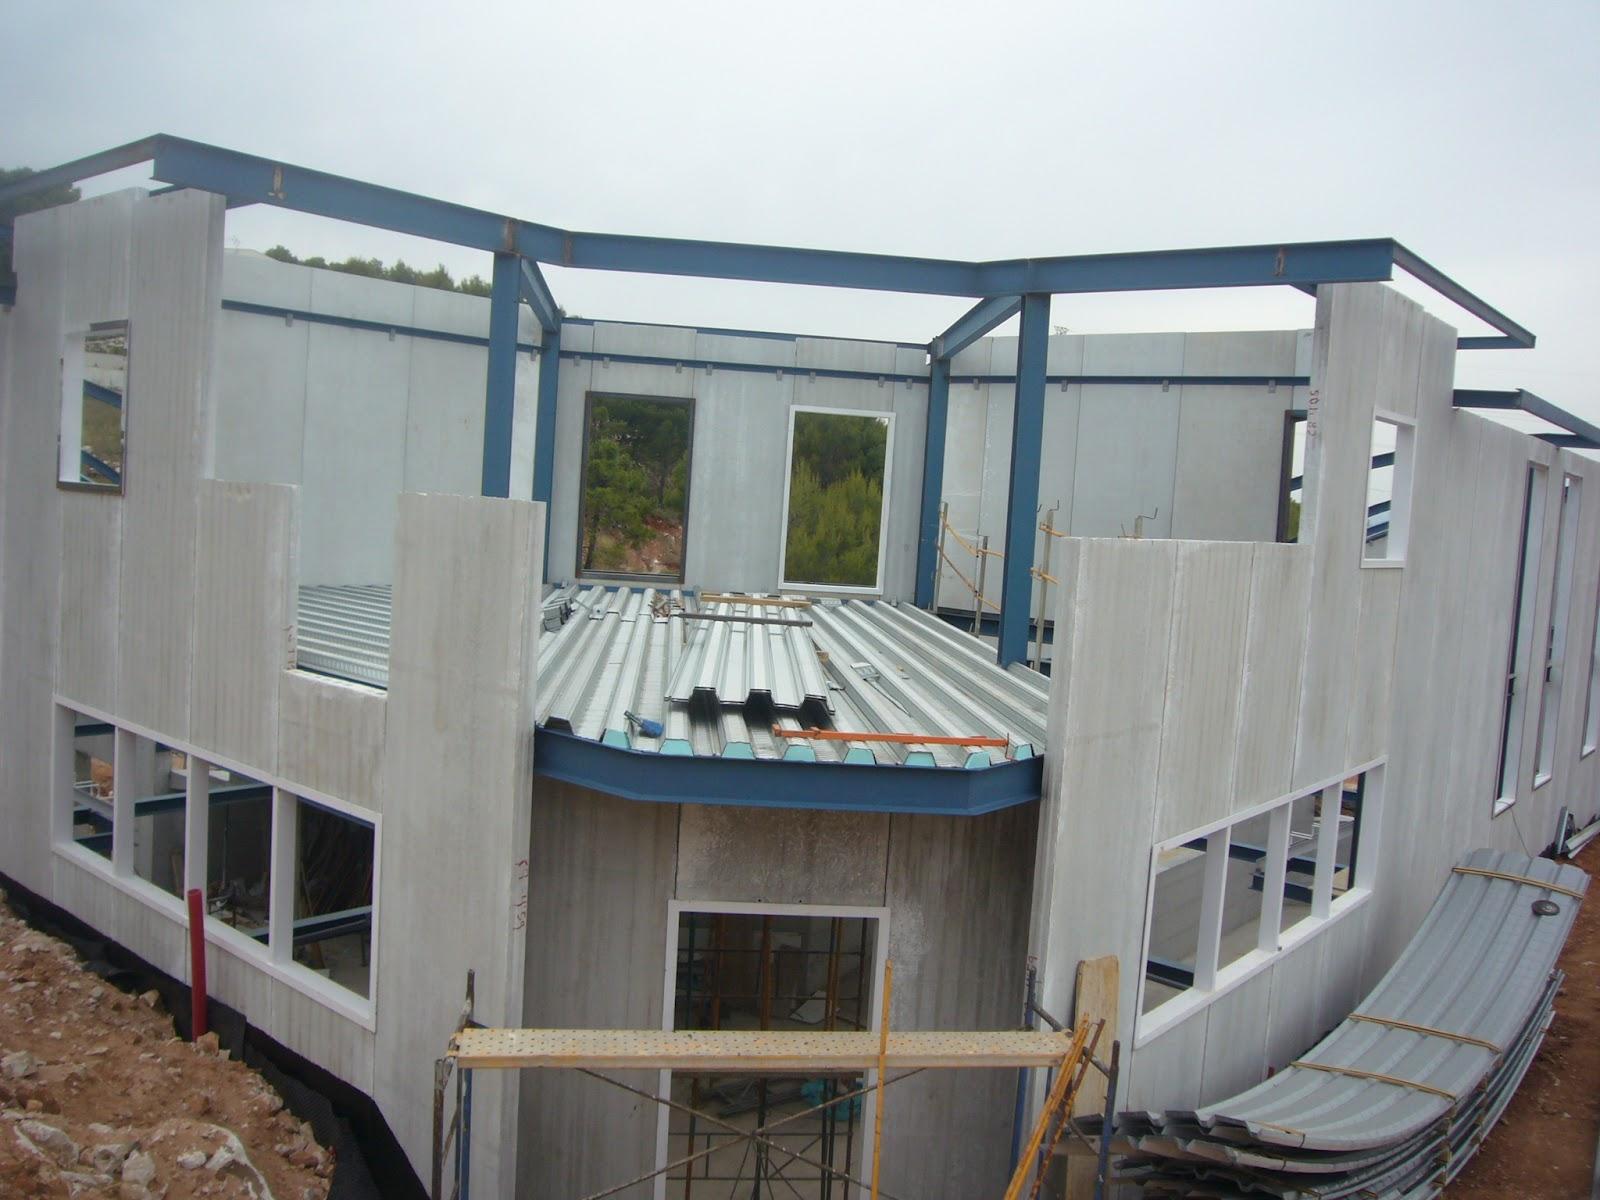 Arquisurlauro vivienda diferentes fotos del proceso de obra de vivienda unifamiliar aislada en - Estructura metalica vivienda ...